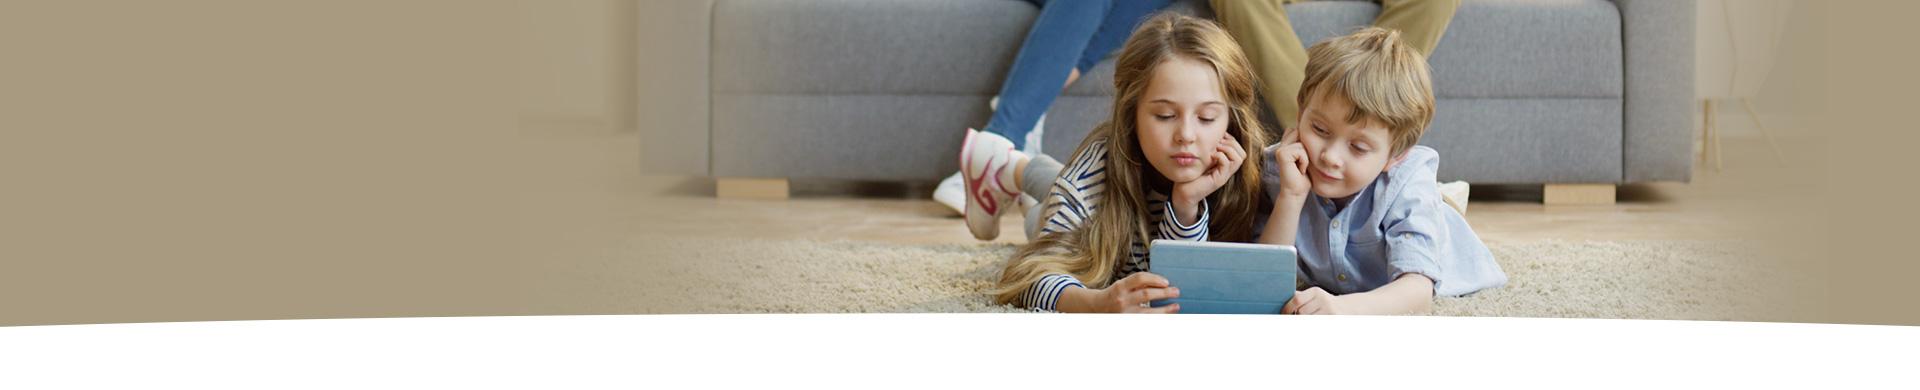 Turkcell Fiber'le Çocuklarımız Güvende Çocuklara özel güvenli uygulamalar, aile kontrol özellikli tablet hediyesi Turkcell Fiber'de sizi bekliyor.